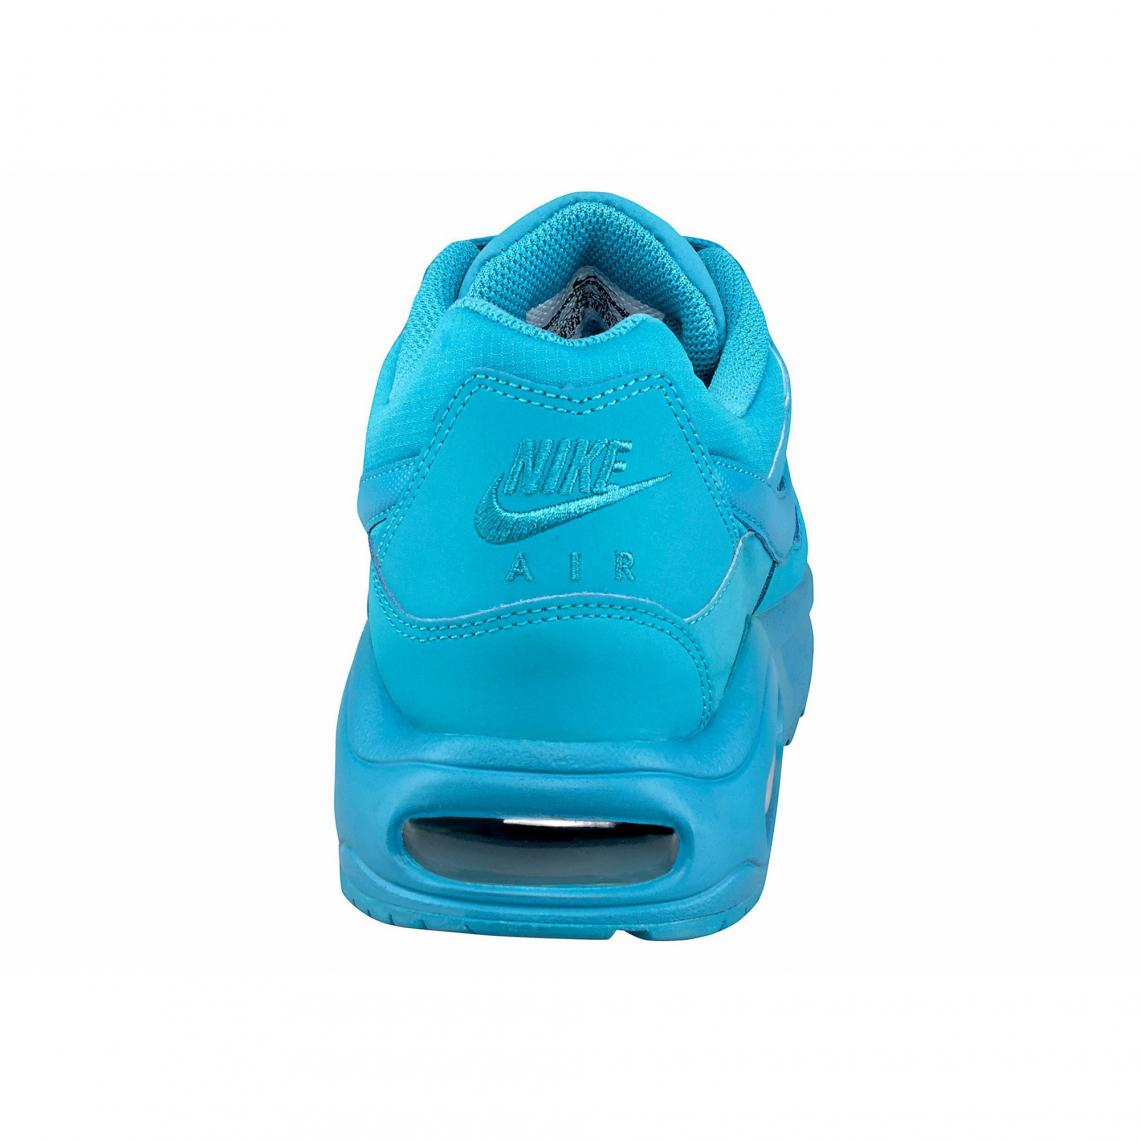 air max femme bleu turquoise